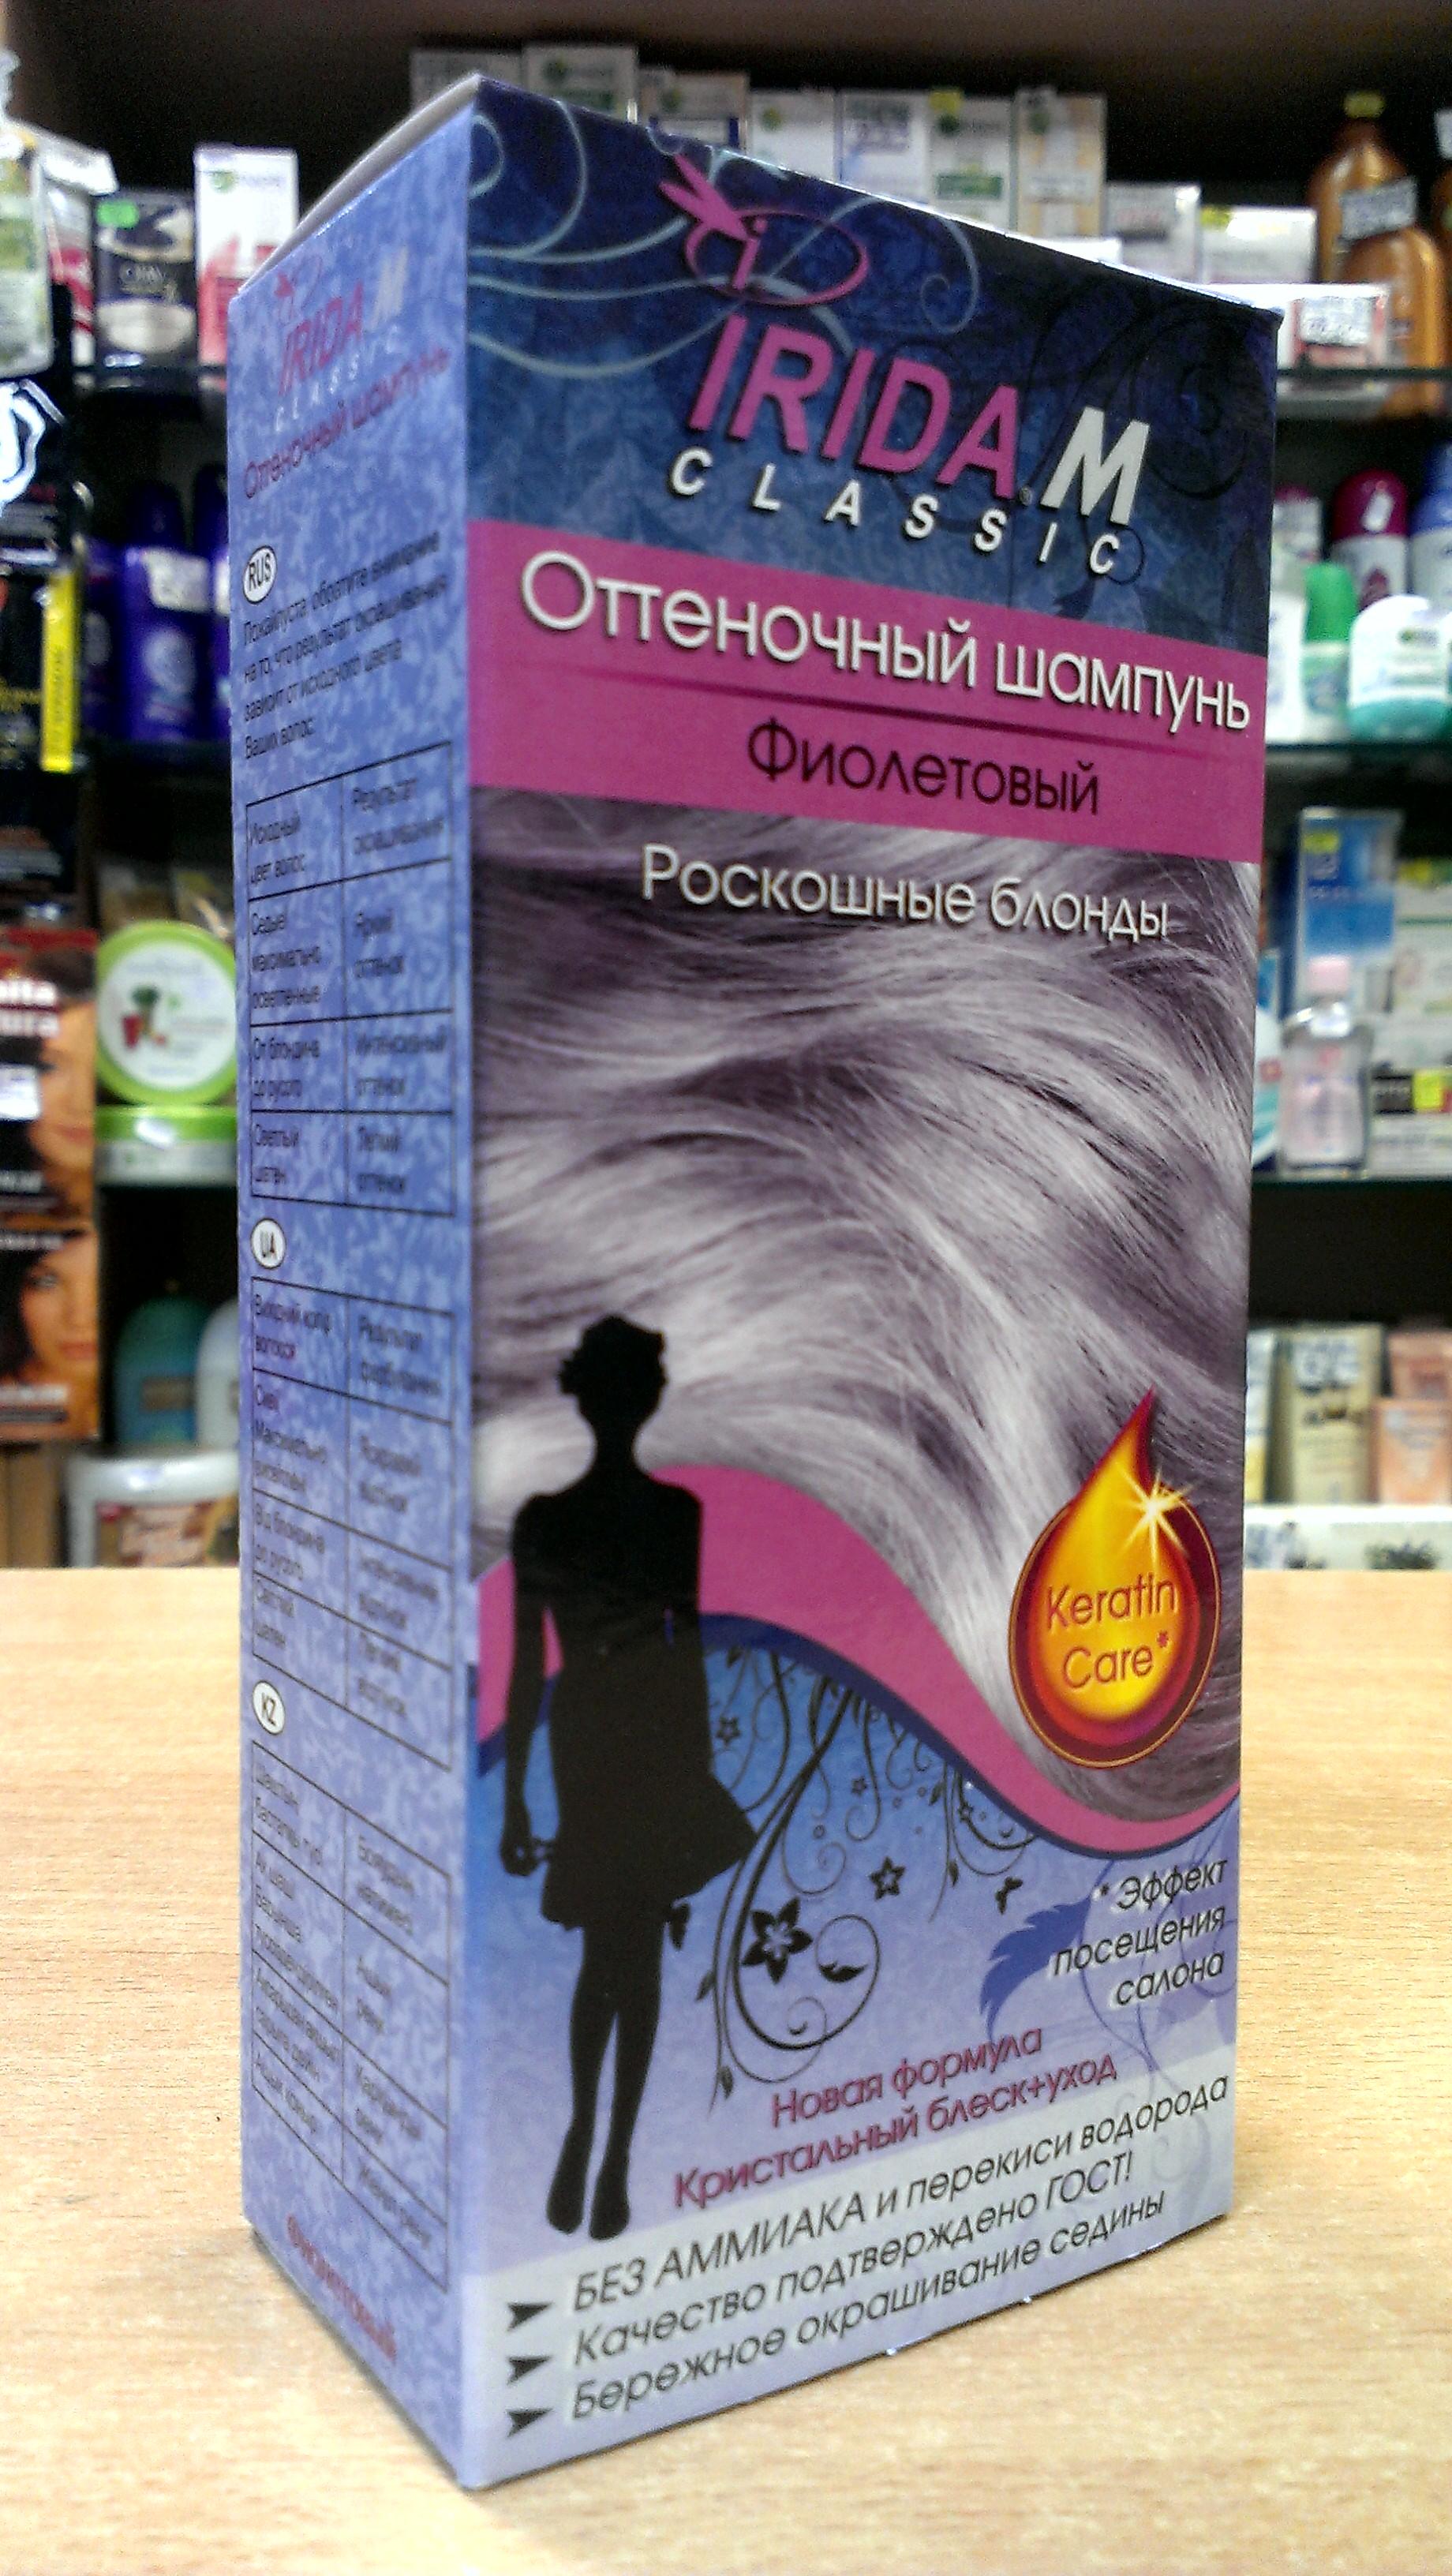 Фиолетовый шампунь на темные волосы